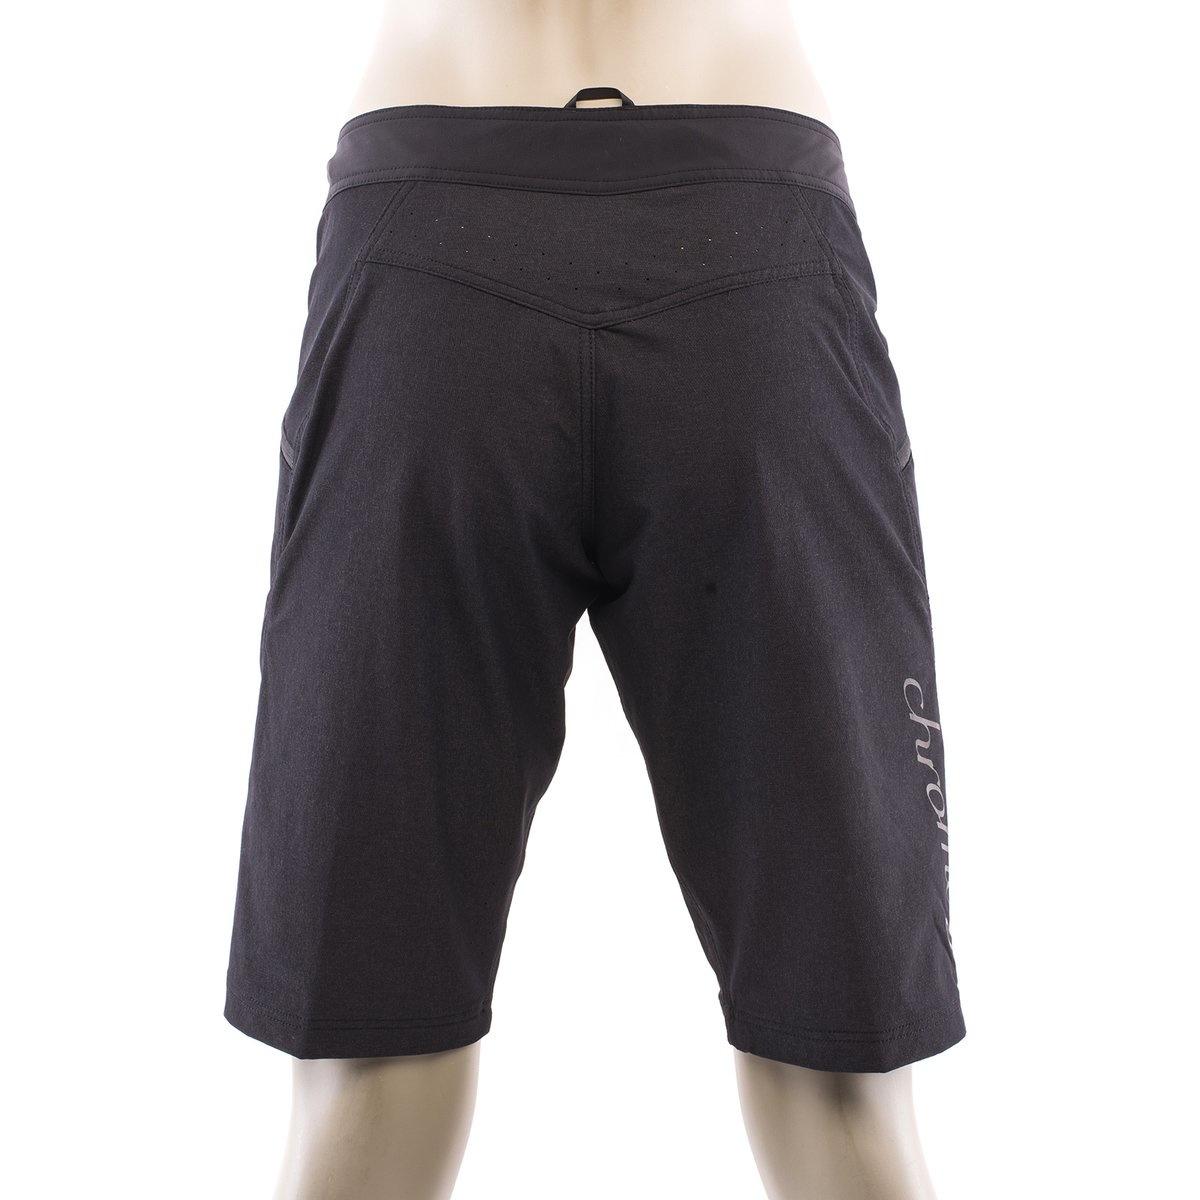 Chromag Chromag Feint Shorts